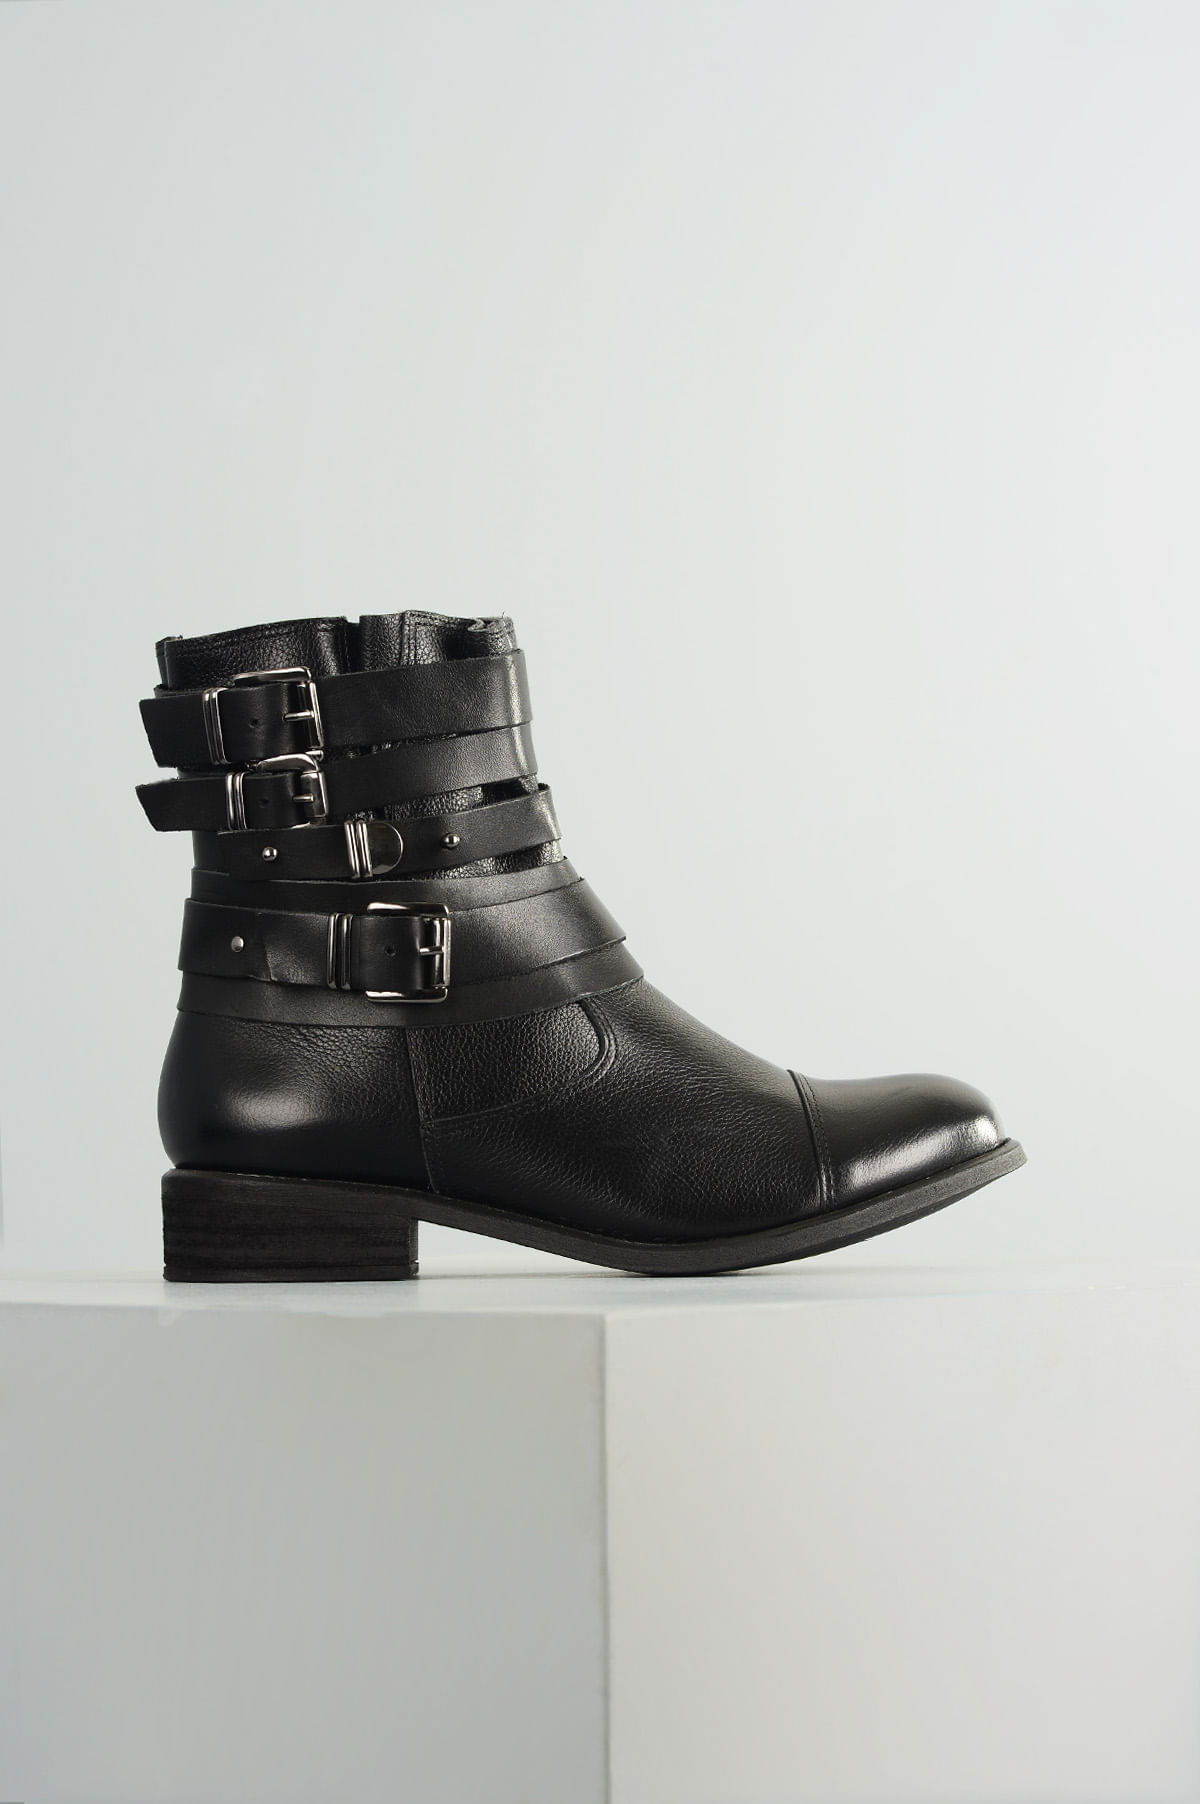 5d36a34d560 Bota Feminina Cano Médio Mantis Mundial CR-PRETO - Mundial Calçados